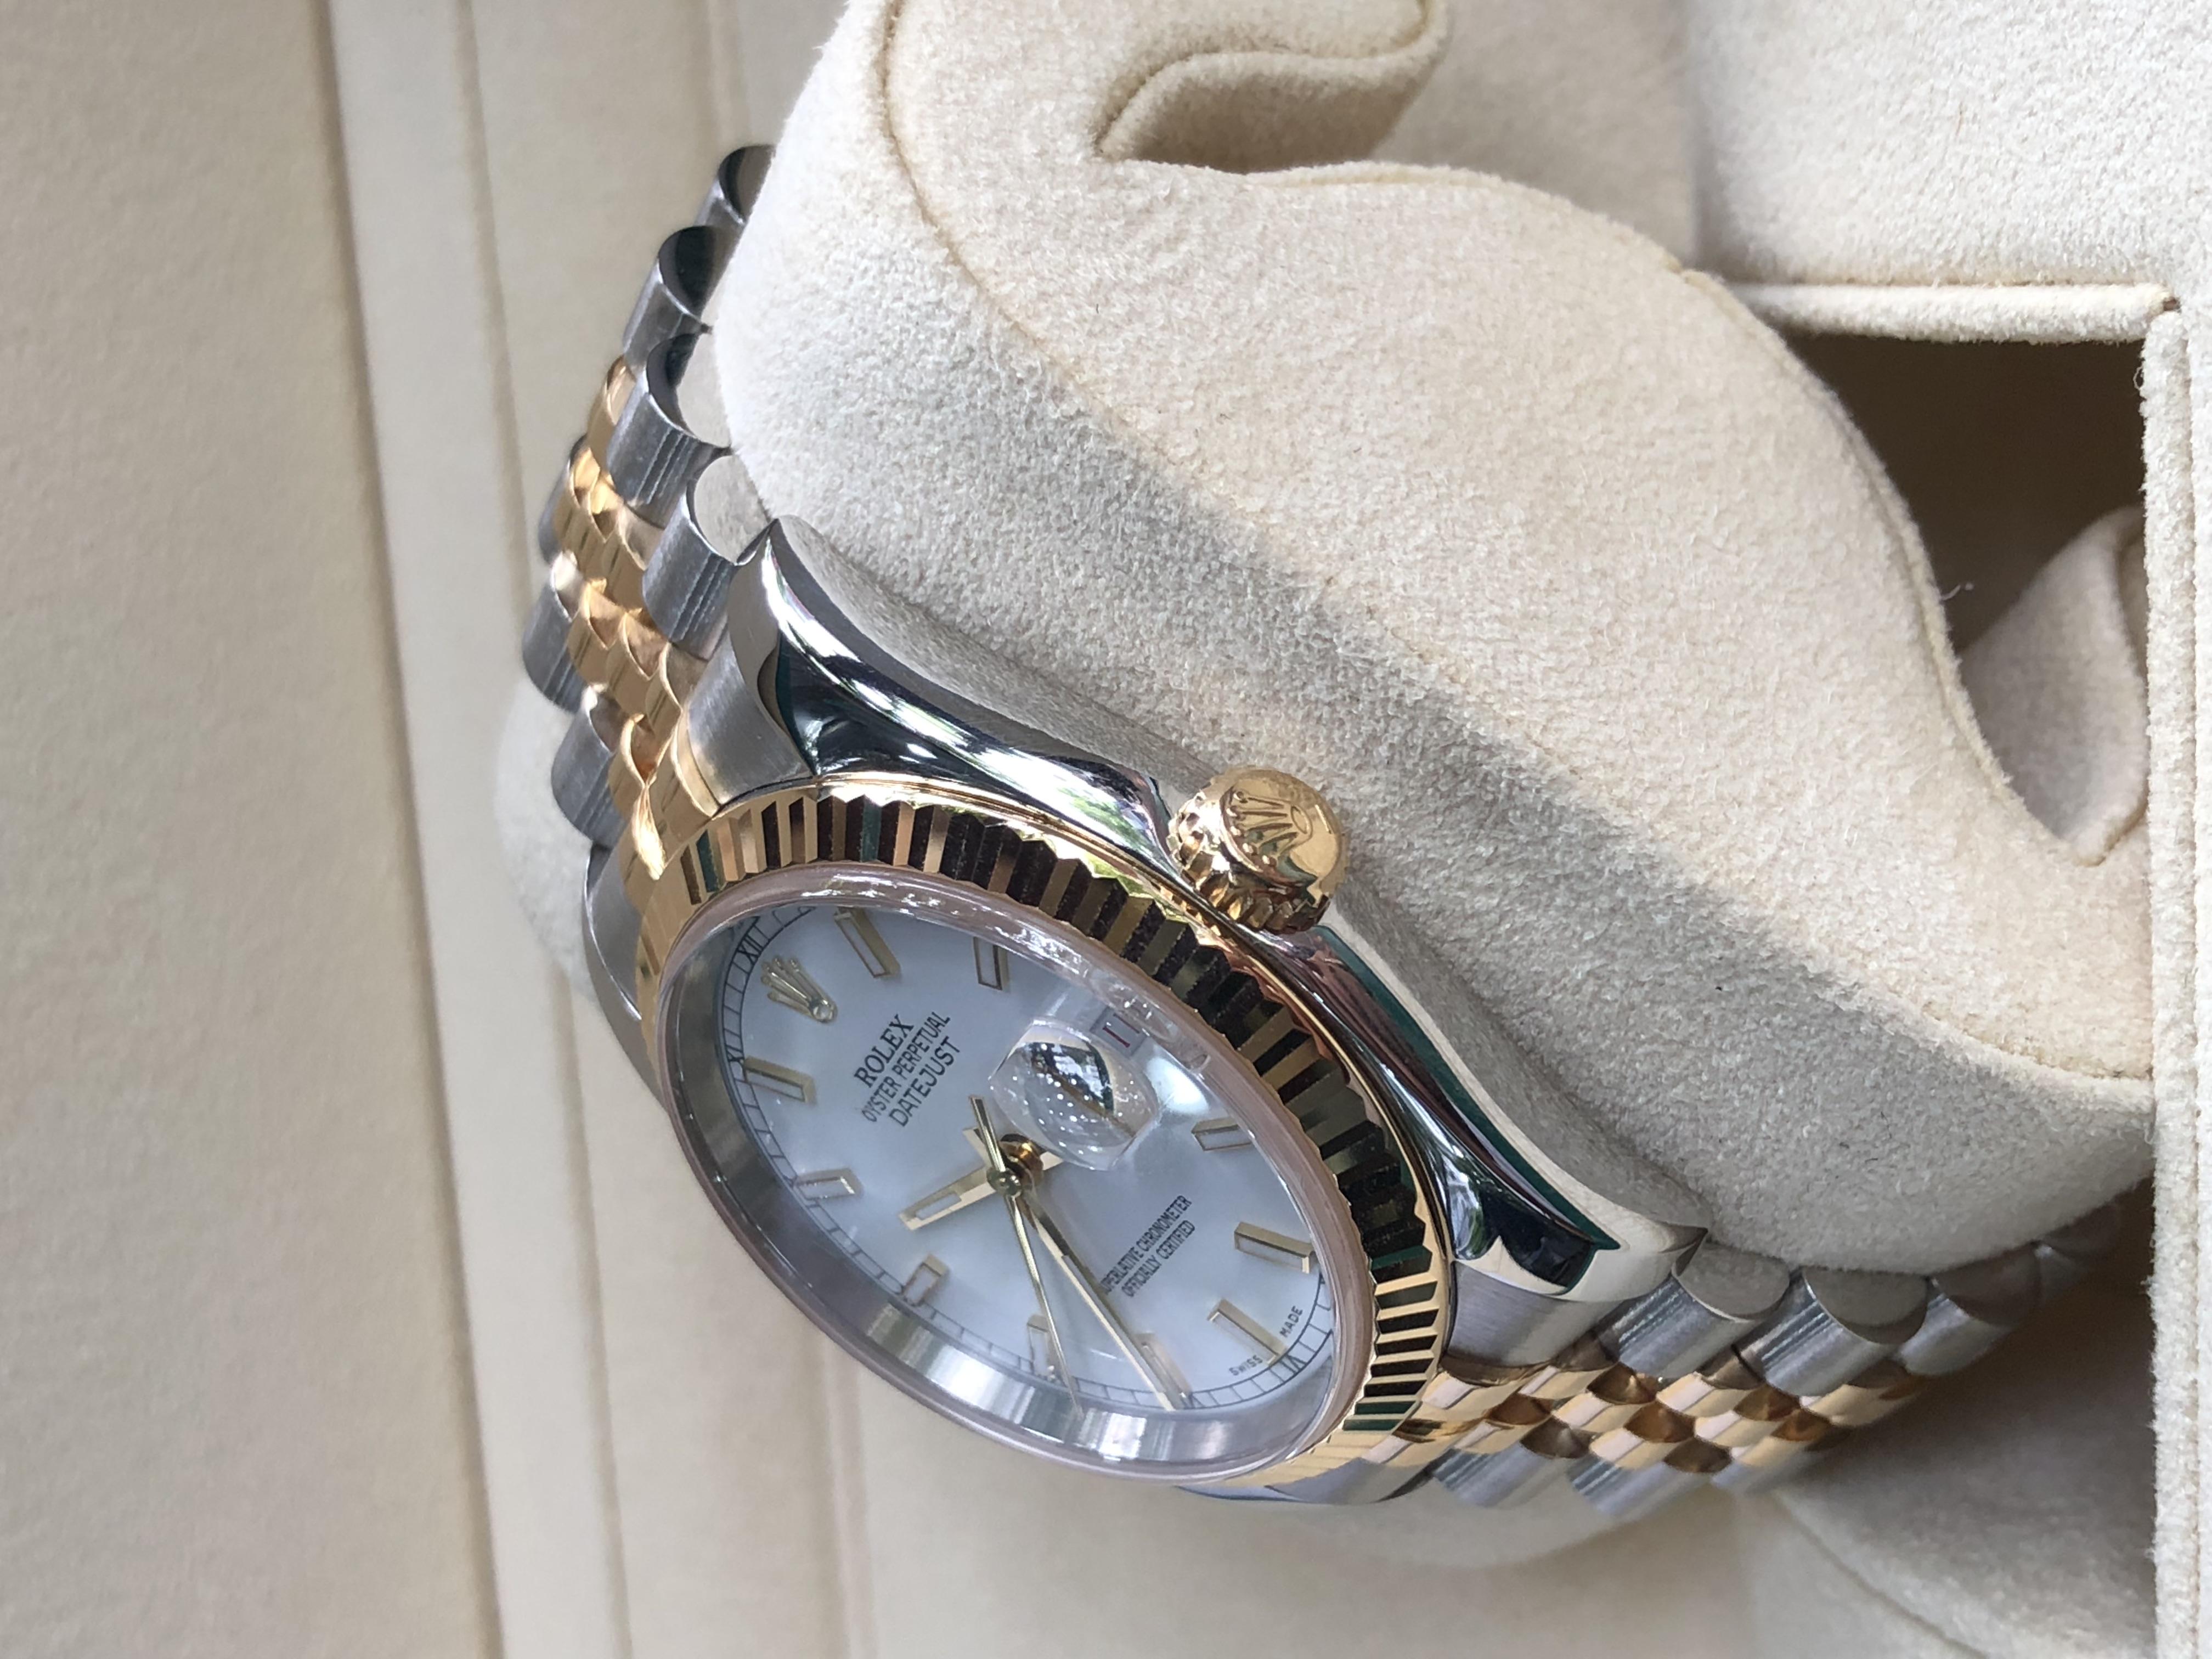 Rolex 116233 mặt số tráng men trắng sản xuất năm 2004-2